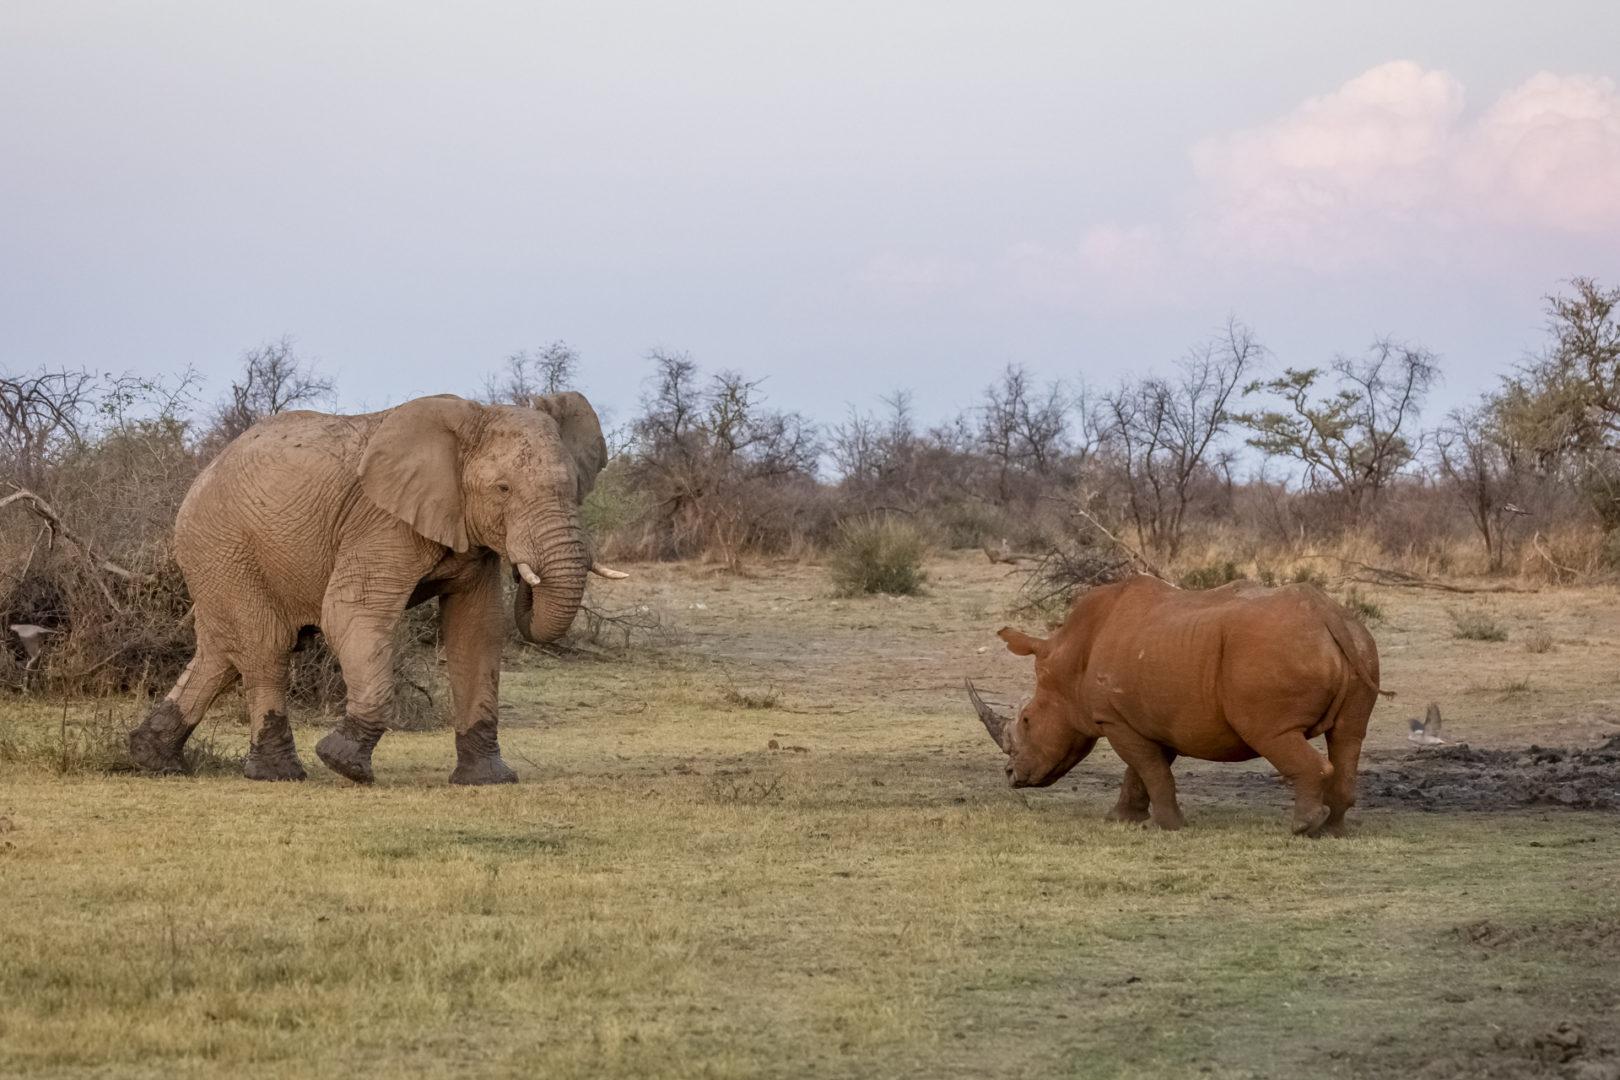 4 Day Madikwe Photo Tour White rhino and Elephant standoff